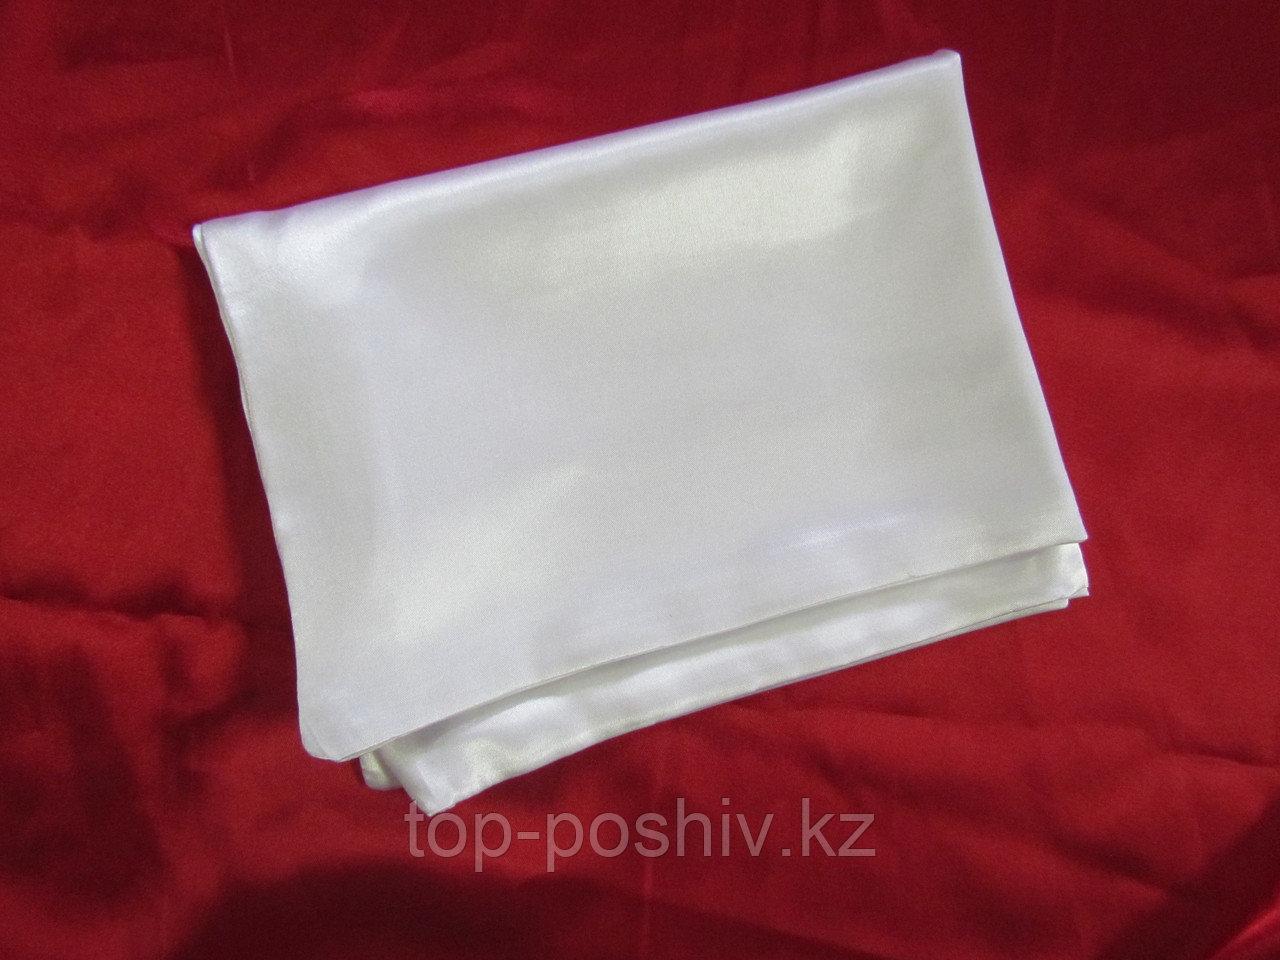 Наволочка белая для сублимации, 40х40 см, атлас